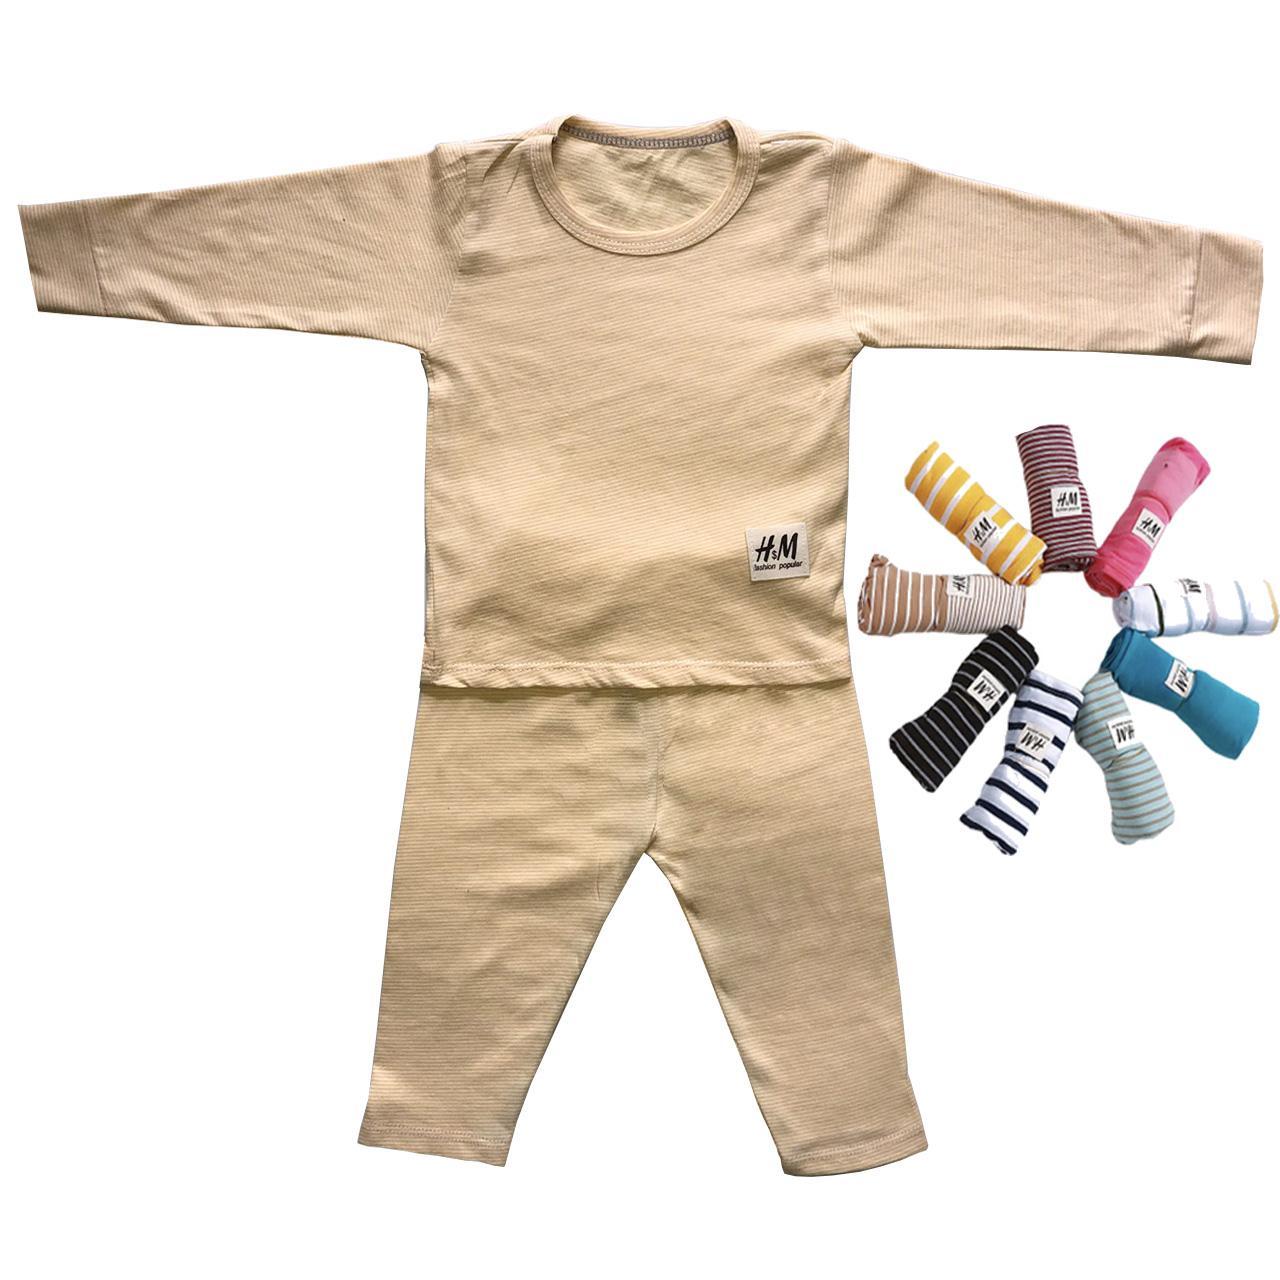 Bộ tay dài kẻ sọc 8-18kg Sản Xuất từ 100% vải coton cực xịn sò ( quần và áo) Nhật Bản